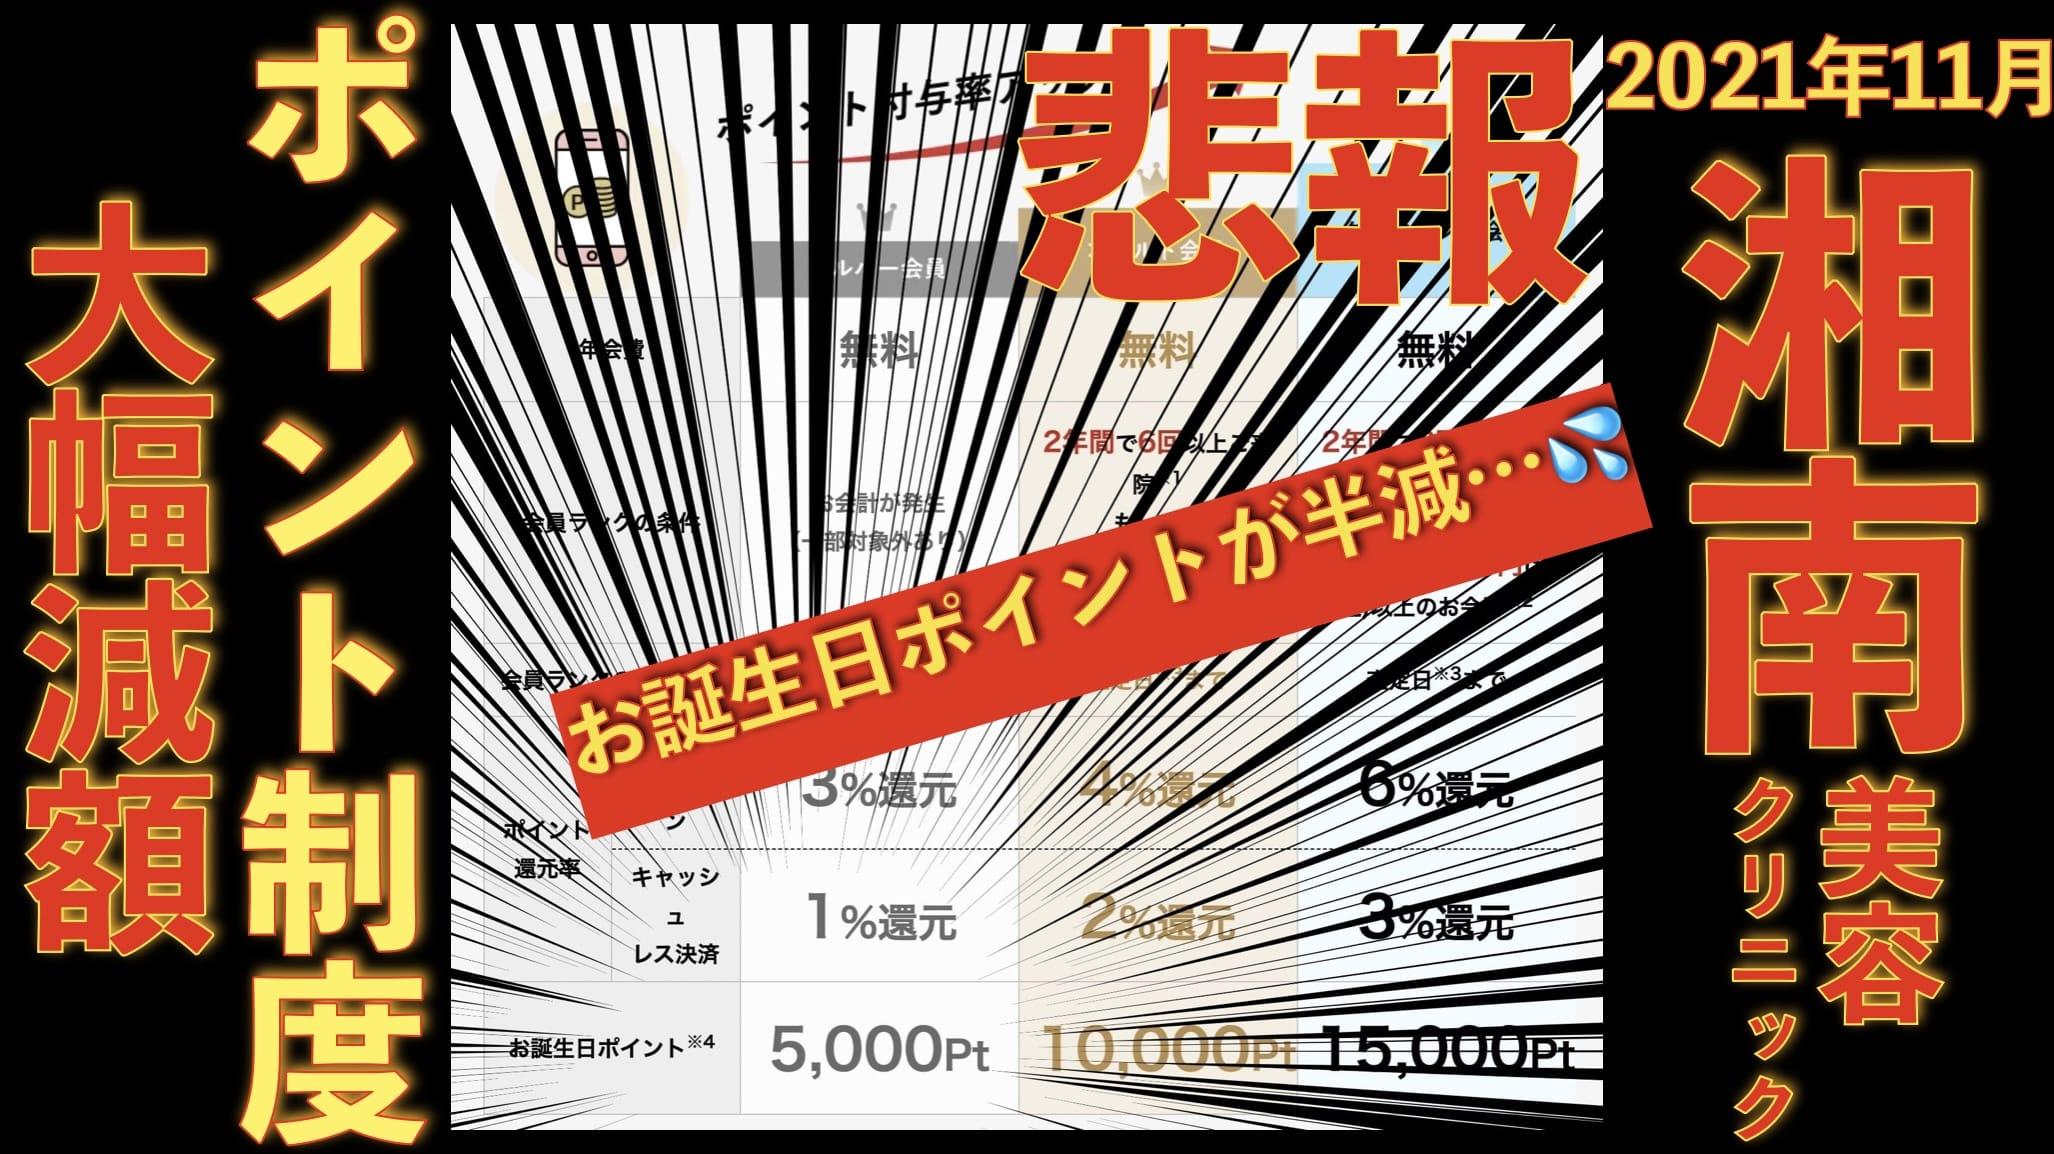 【悲報】湘南美容クリニックのお誕生日ポイントが大幅減額!2021年11月1日から!サムネイル画像